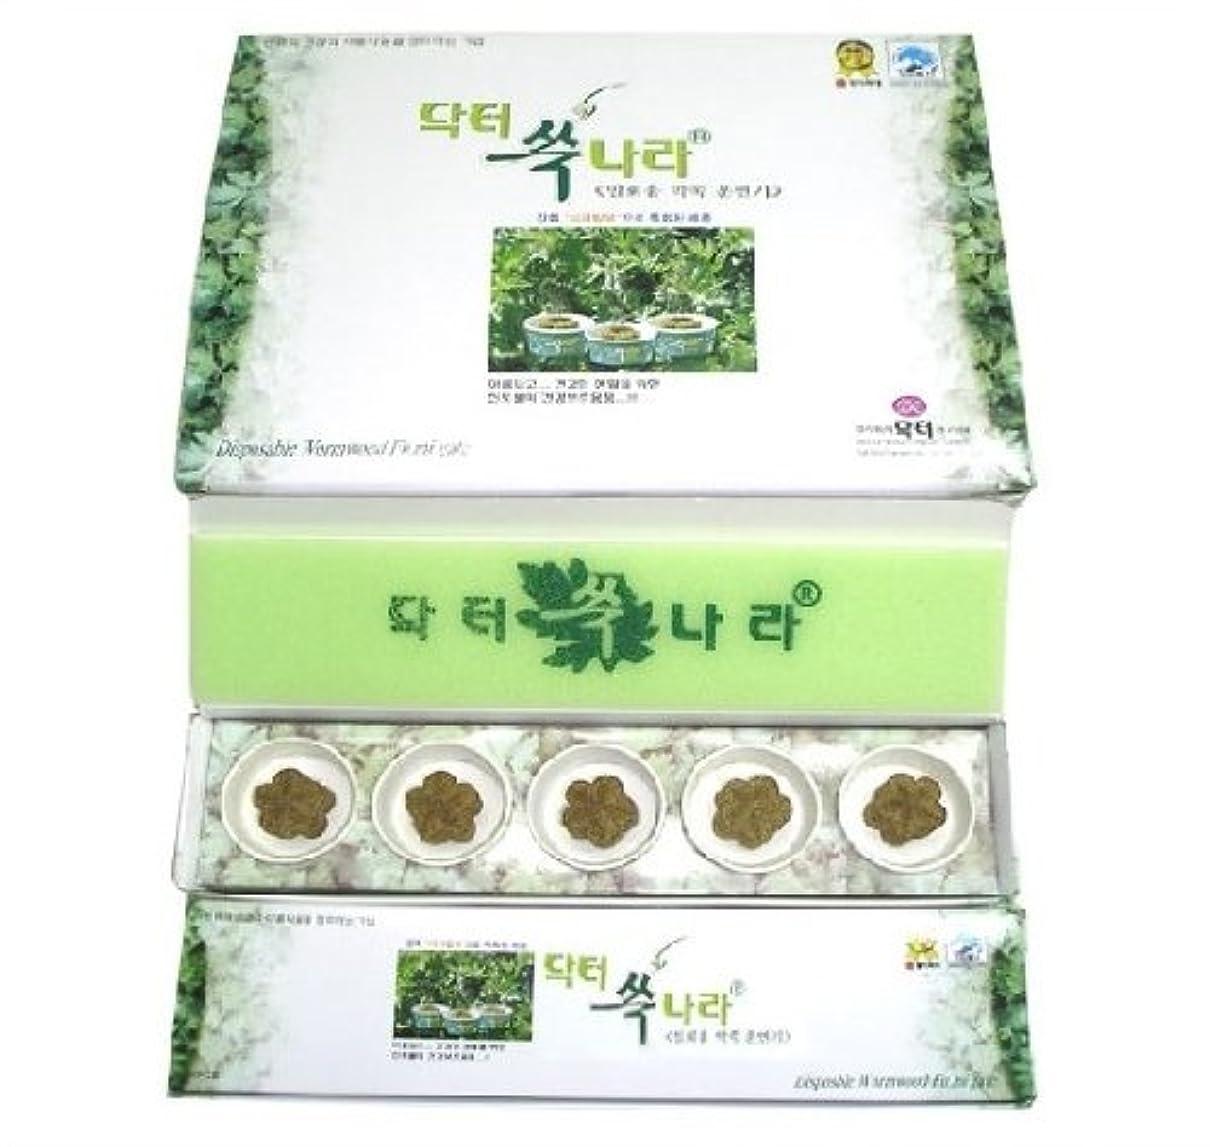 どこか放牧する助けになる韓国 トイレでする自宅よもぎ蒸し、座浴、座薫ー超簡単 器具は不要 5個入り